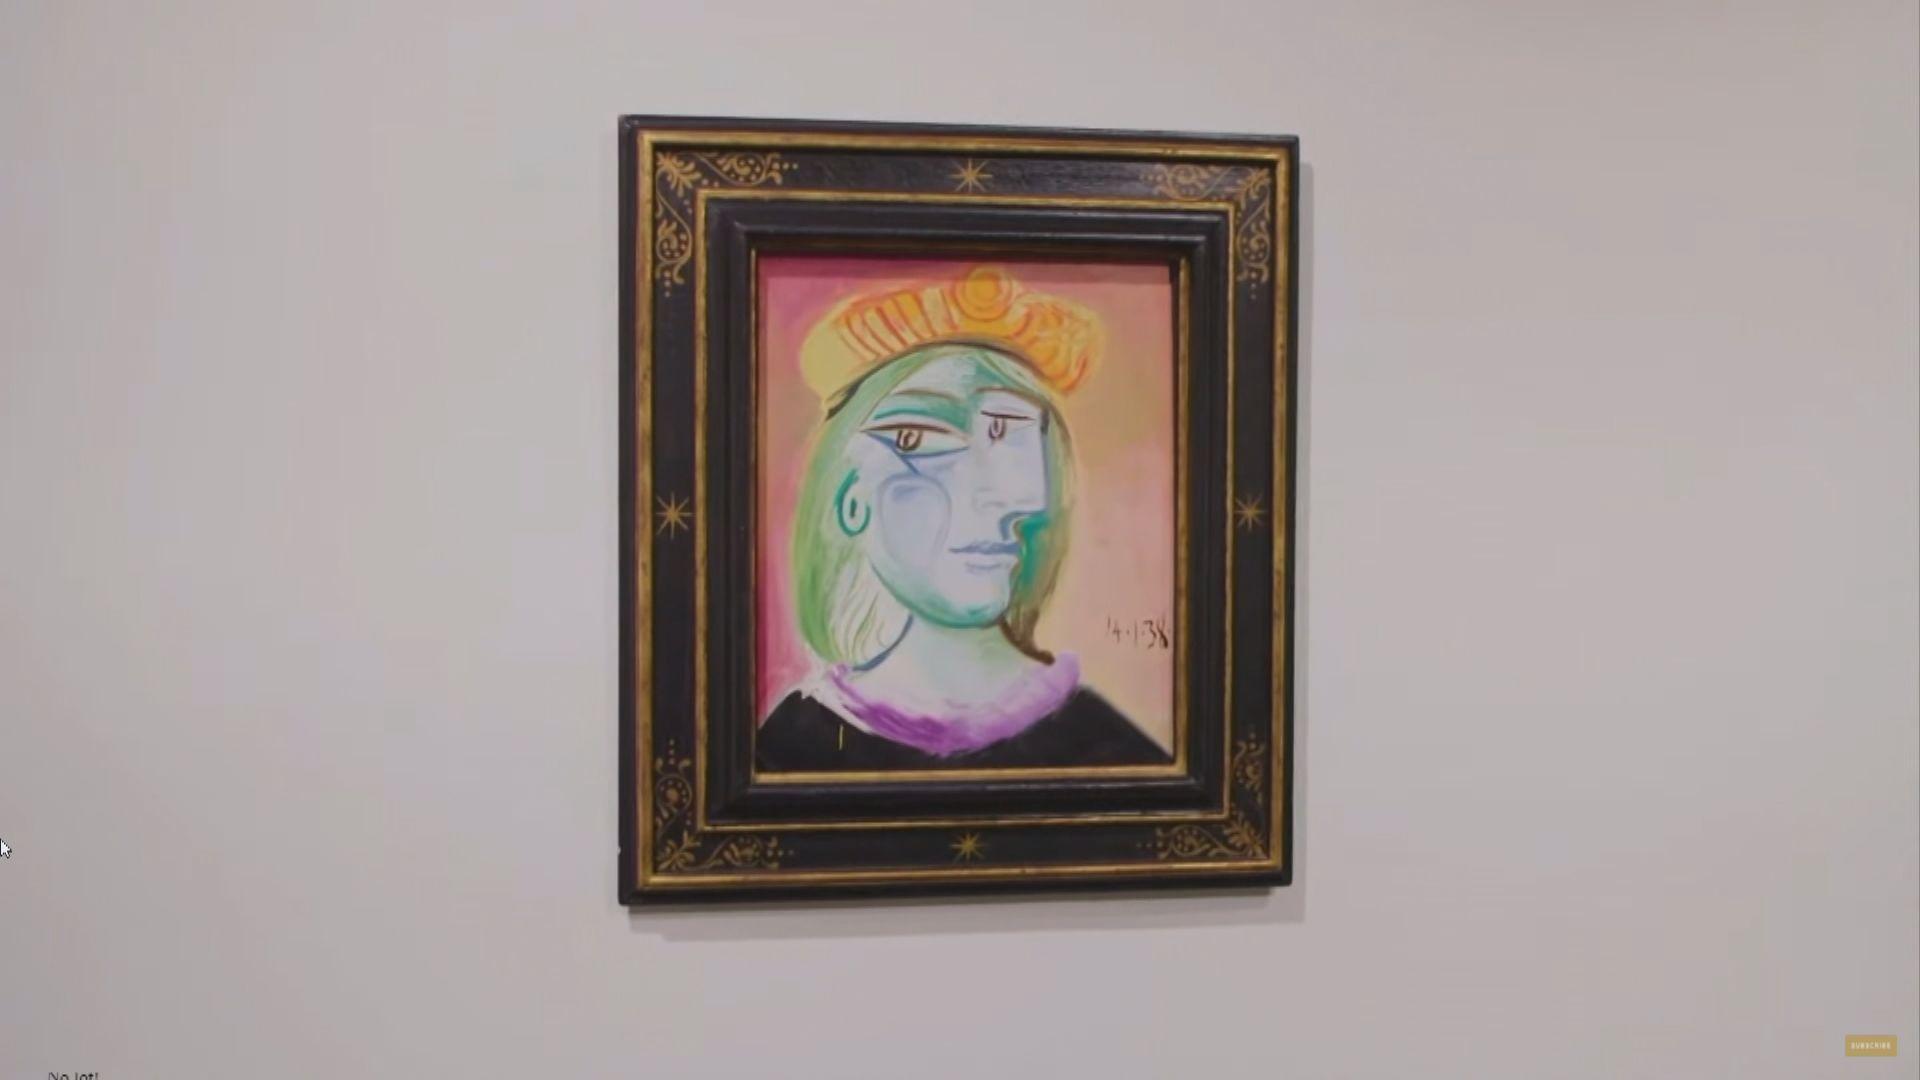 【環球薈報】蘇富比首次於美國賭城舉行拍賣會  畢加索多幅作品高價成交